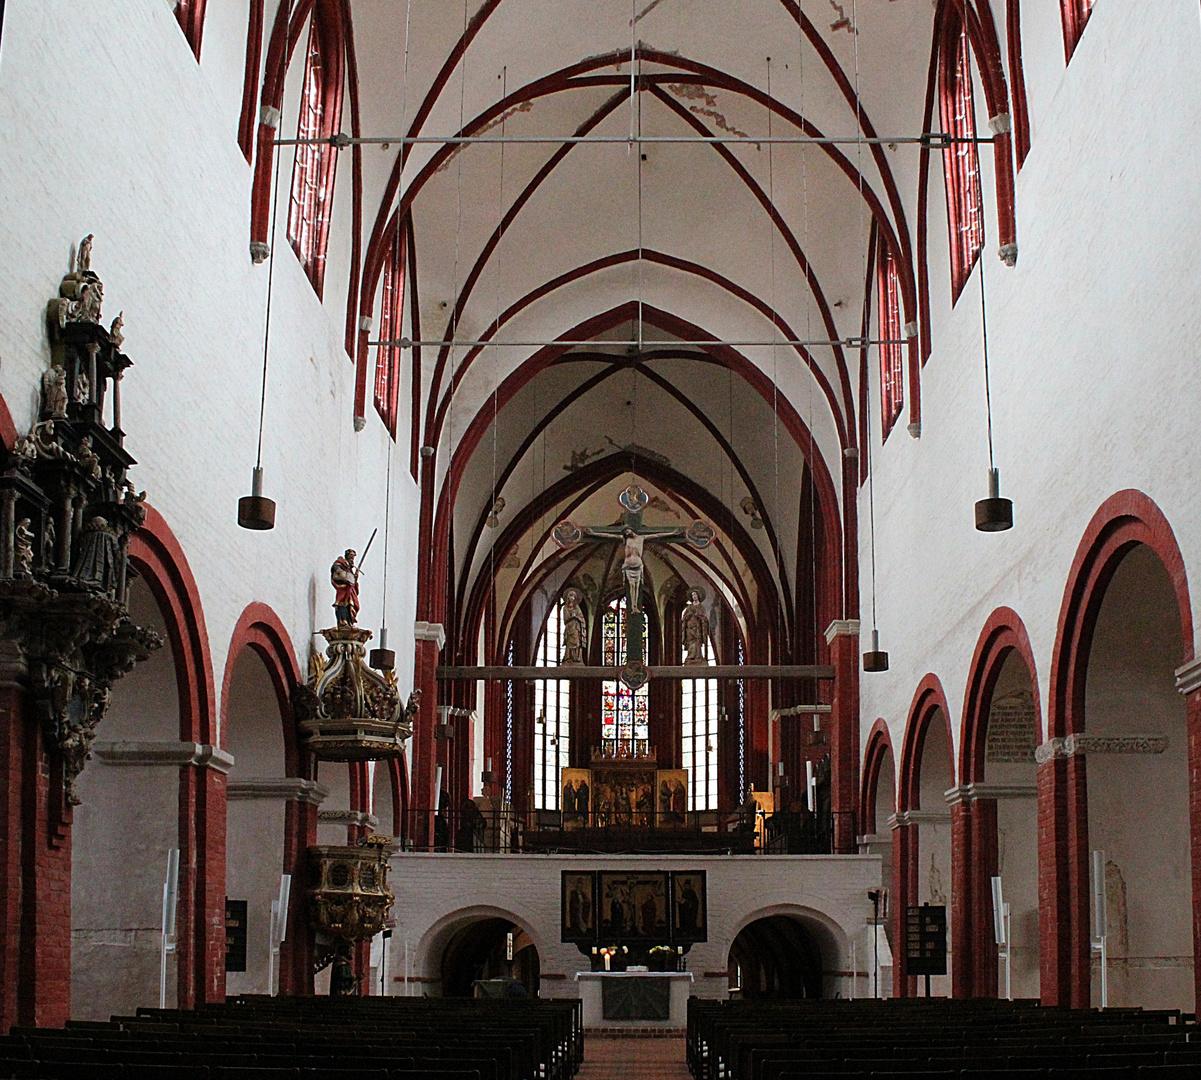 Dom zu Brandenburg